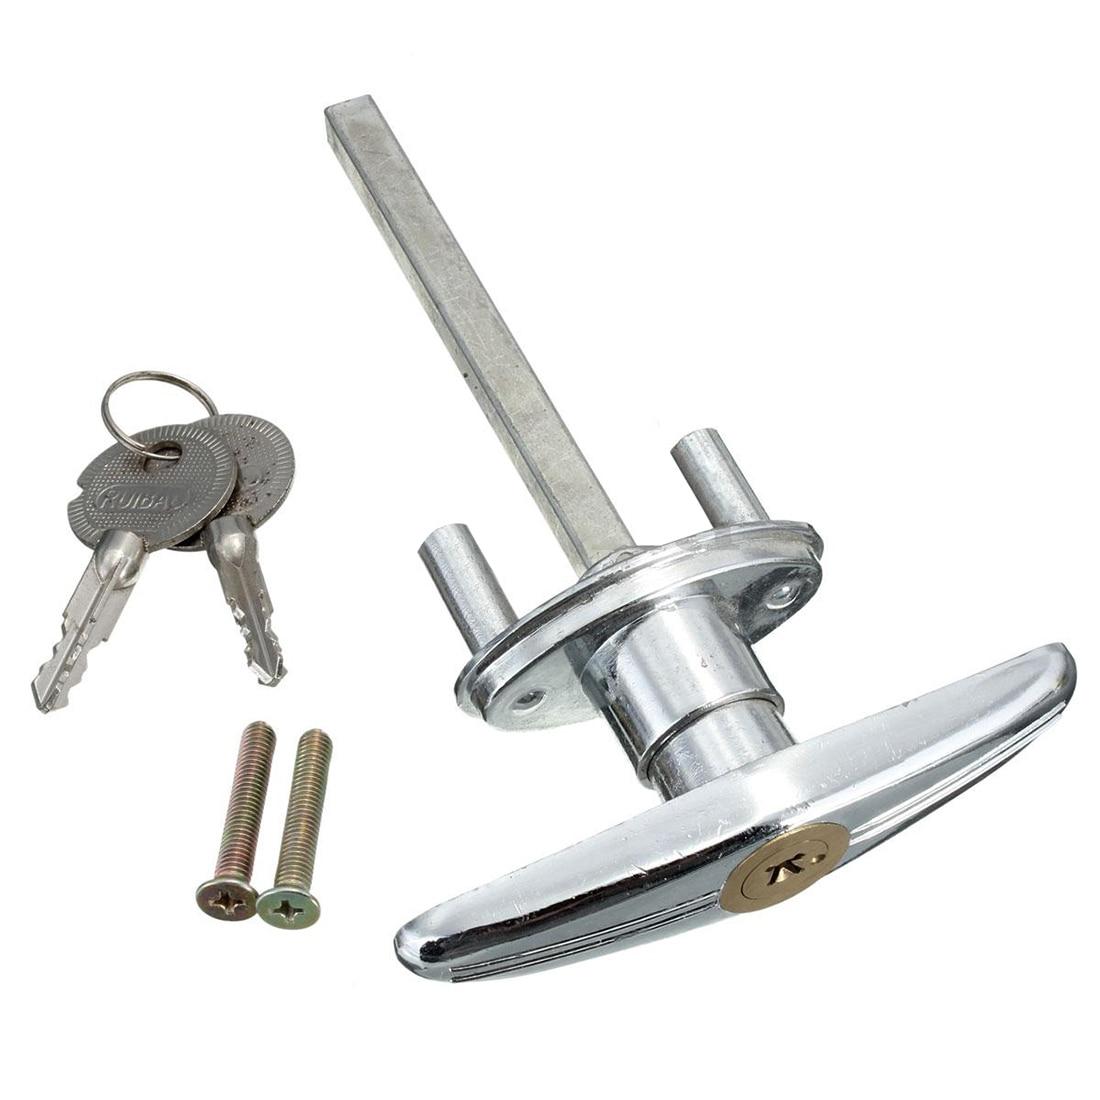 Garage door lock T handle with key screw metal copper Garage door lock T handle with key screw metal copper